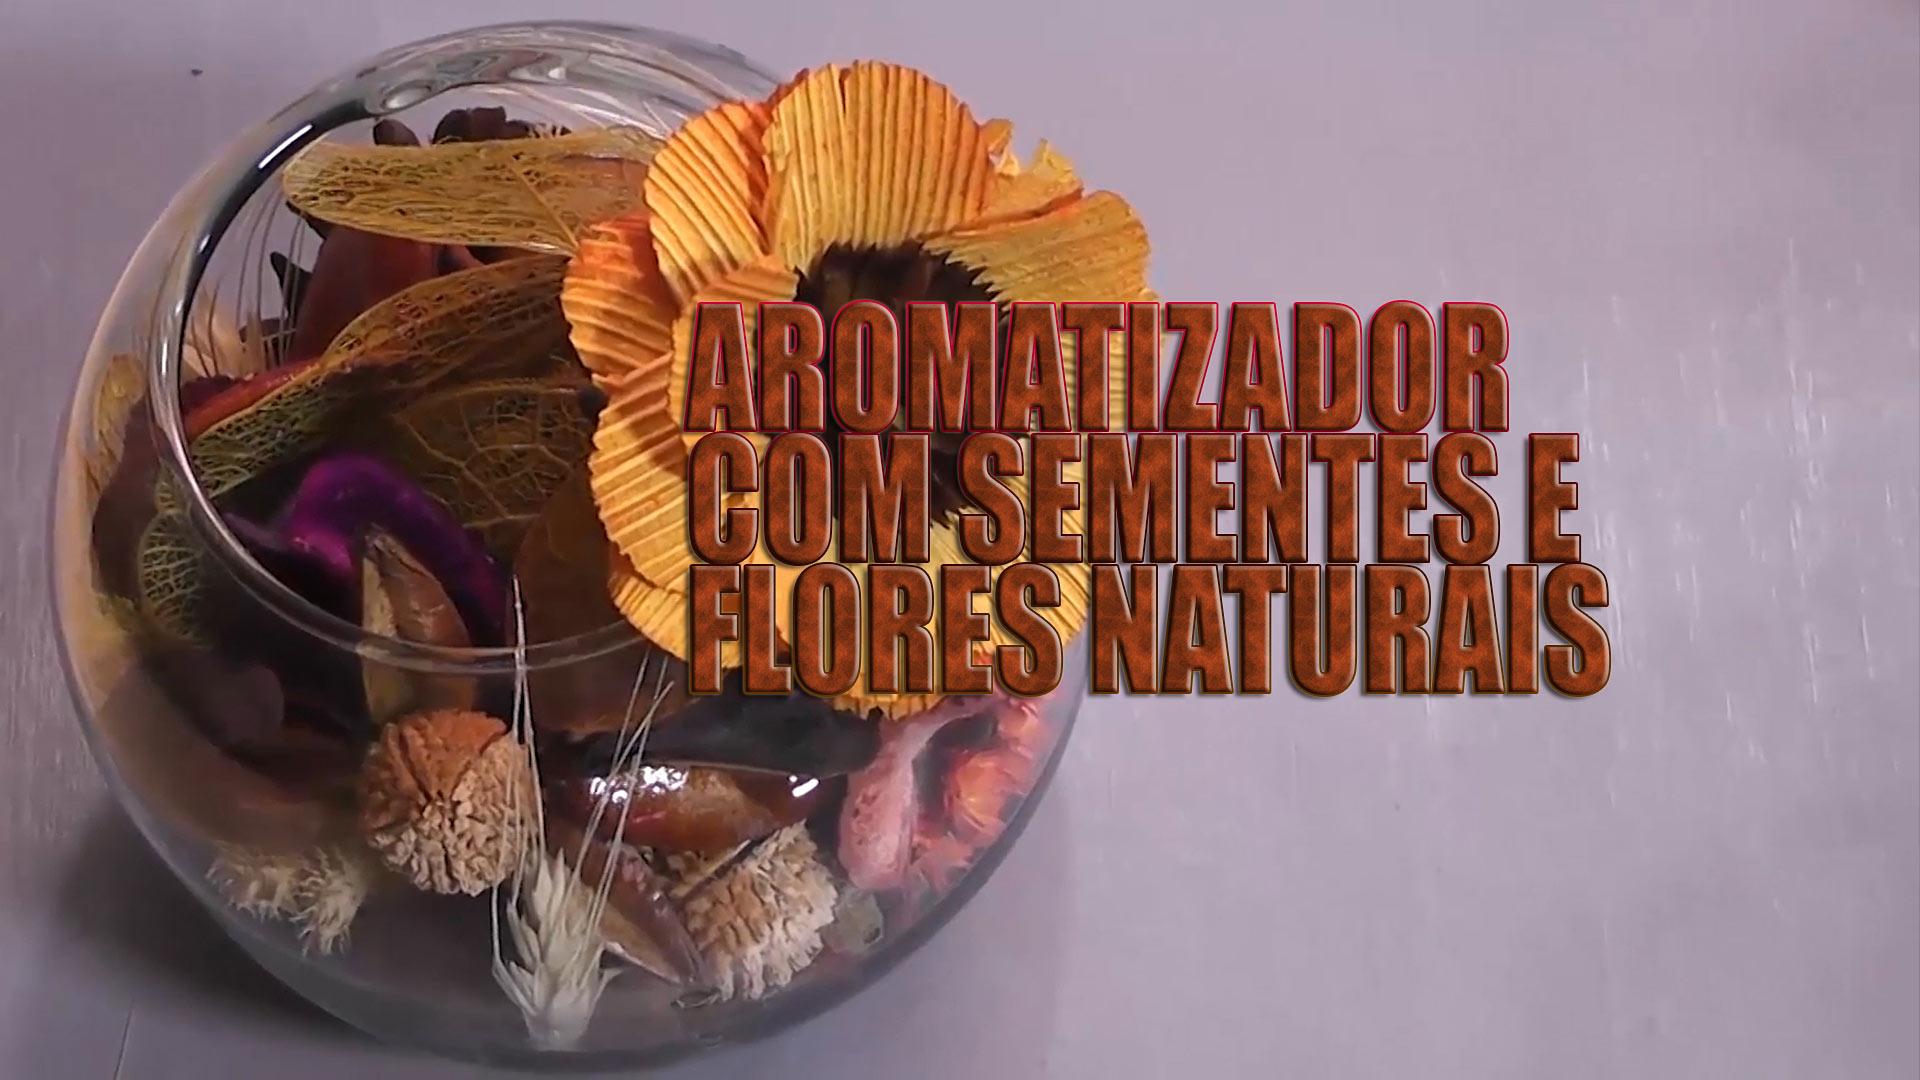 Reciclagem aproveita produtos naturais para criar aromatizador